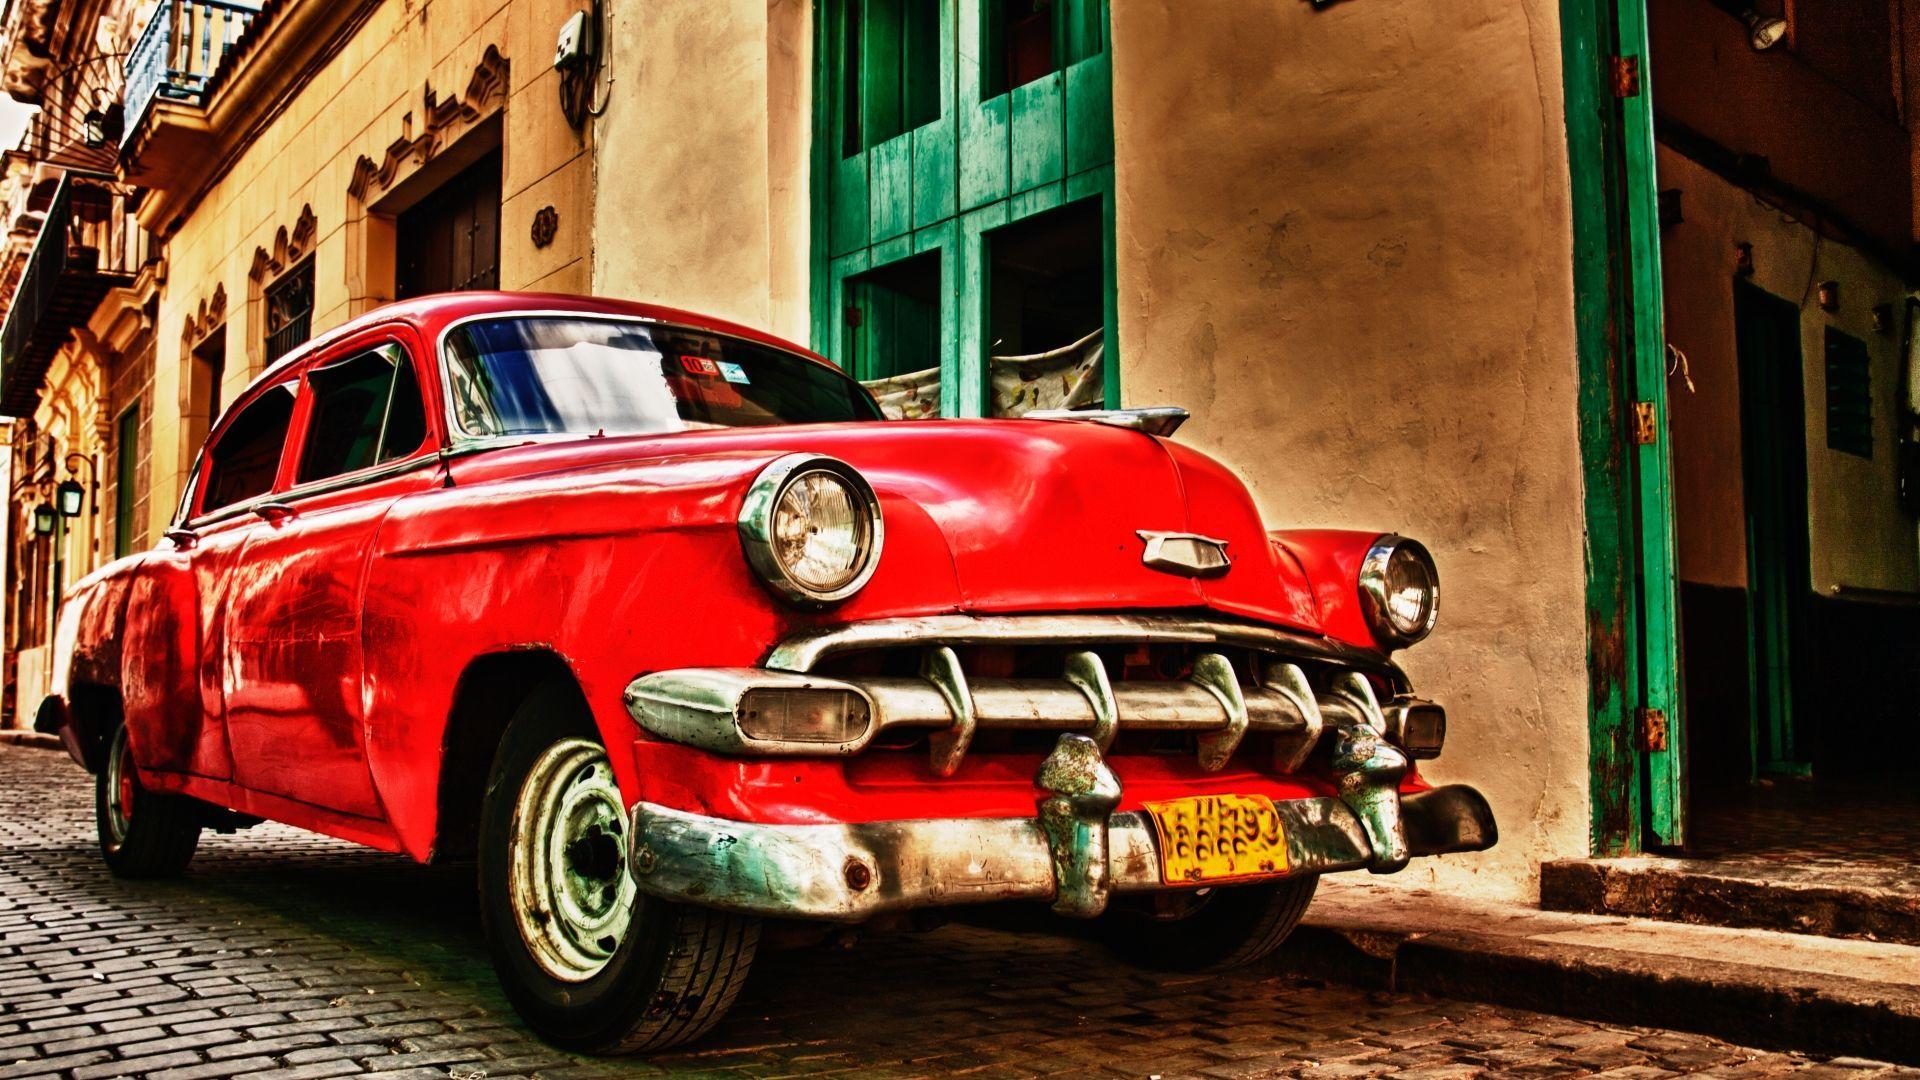 Šalis garsėja legendiniais automobiliais